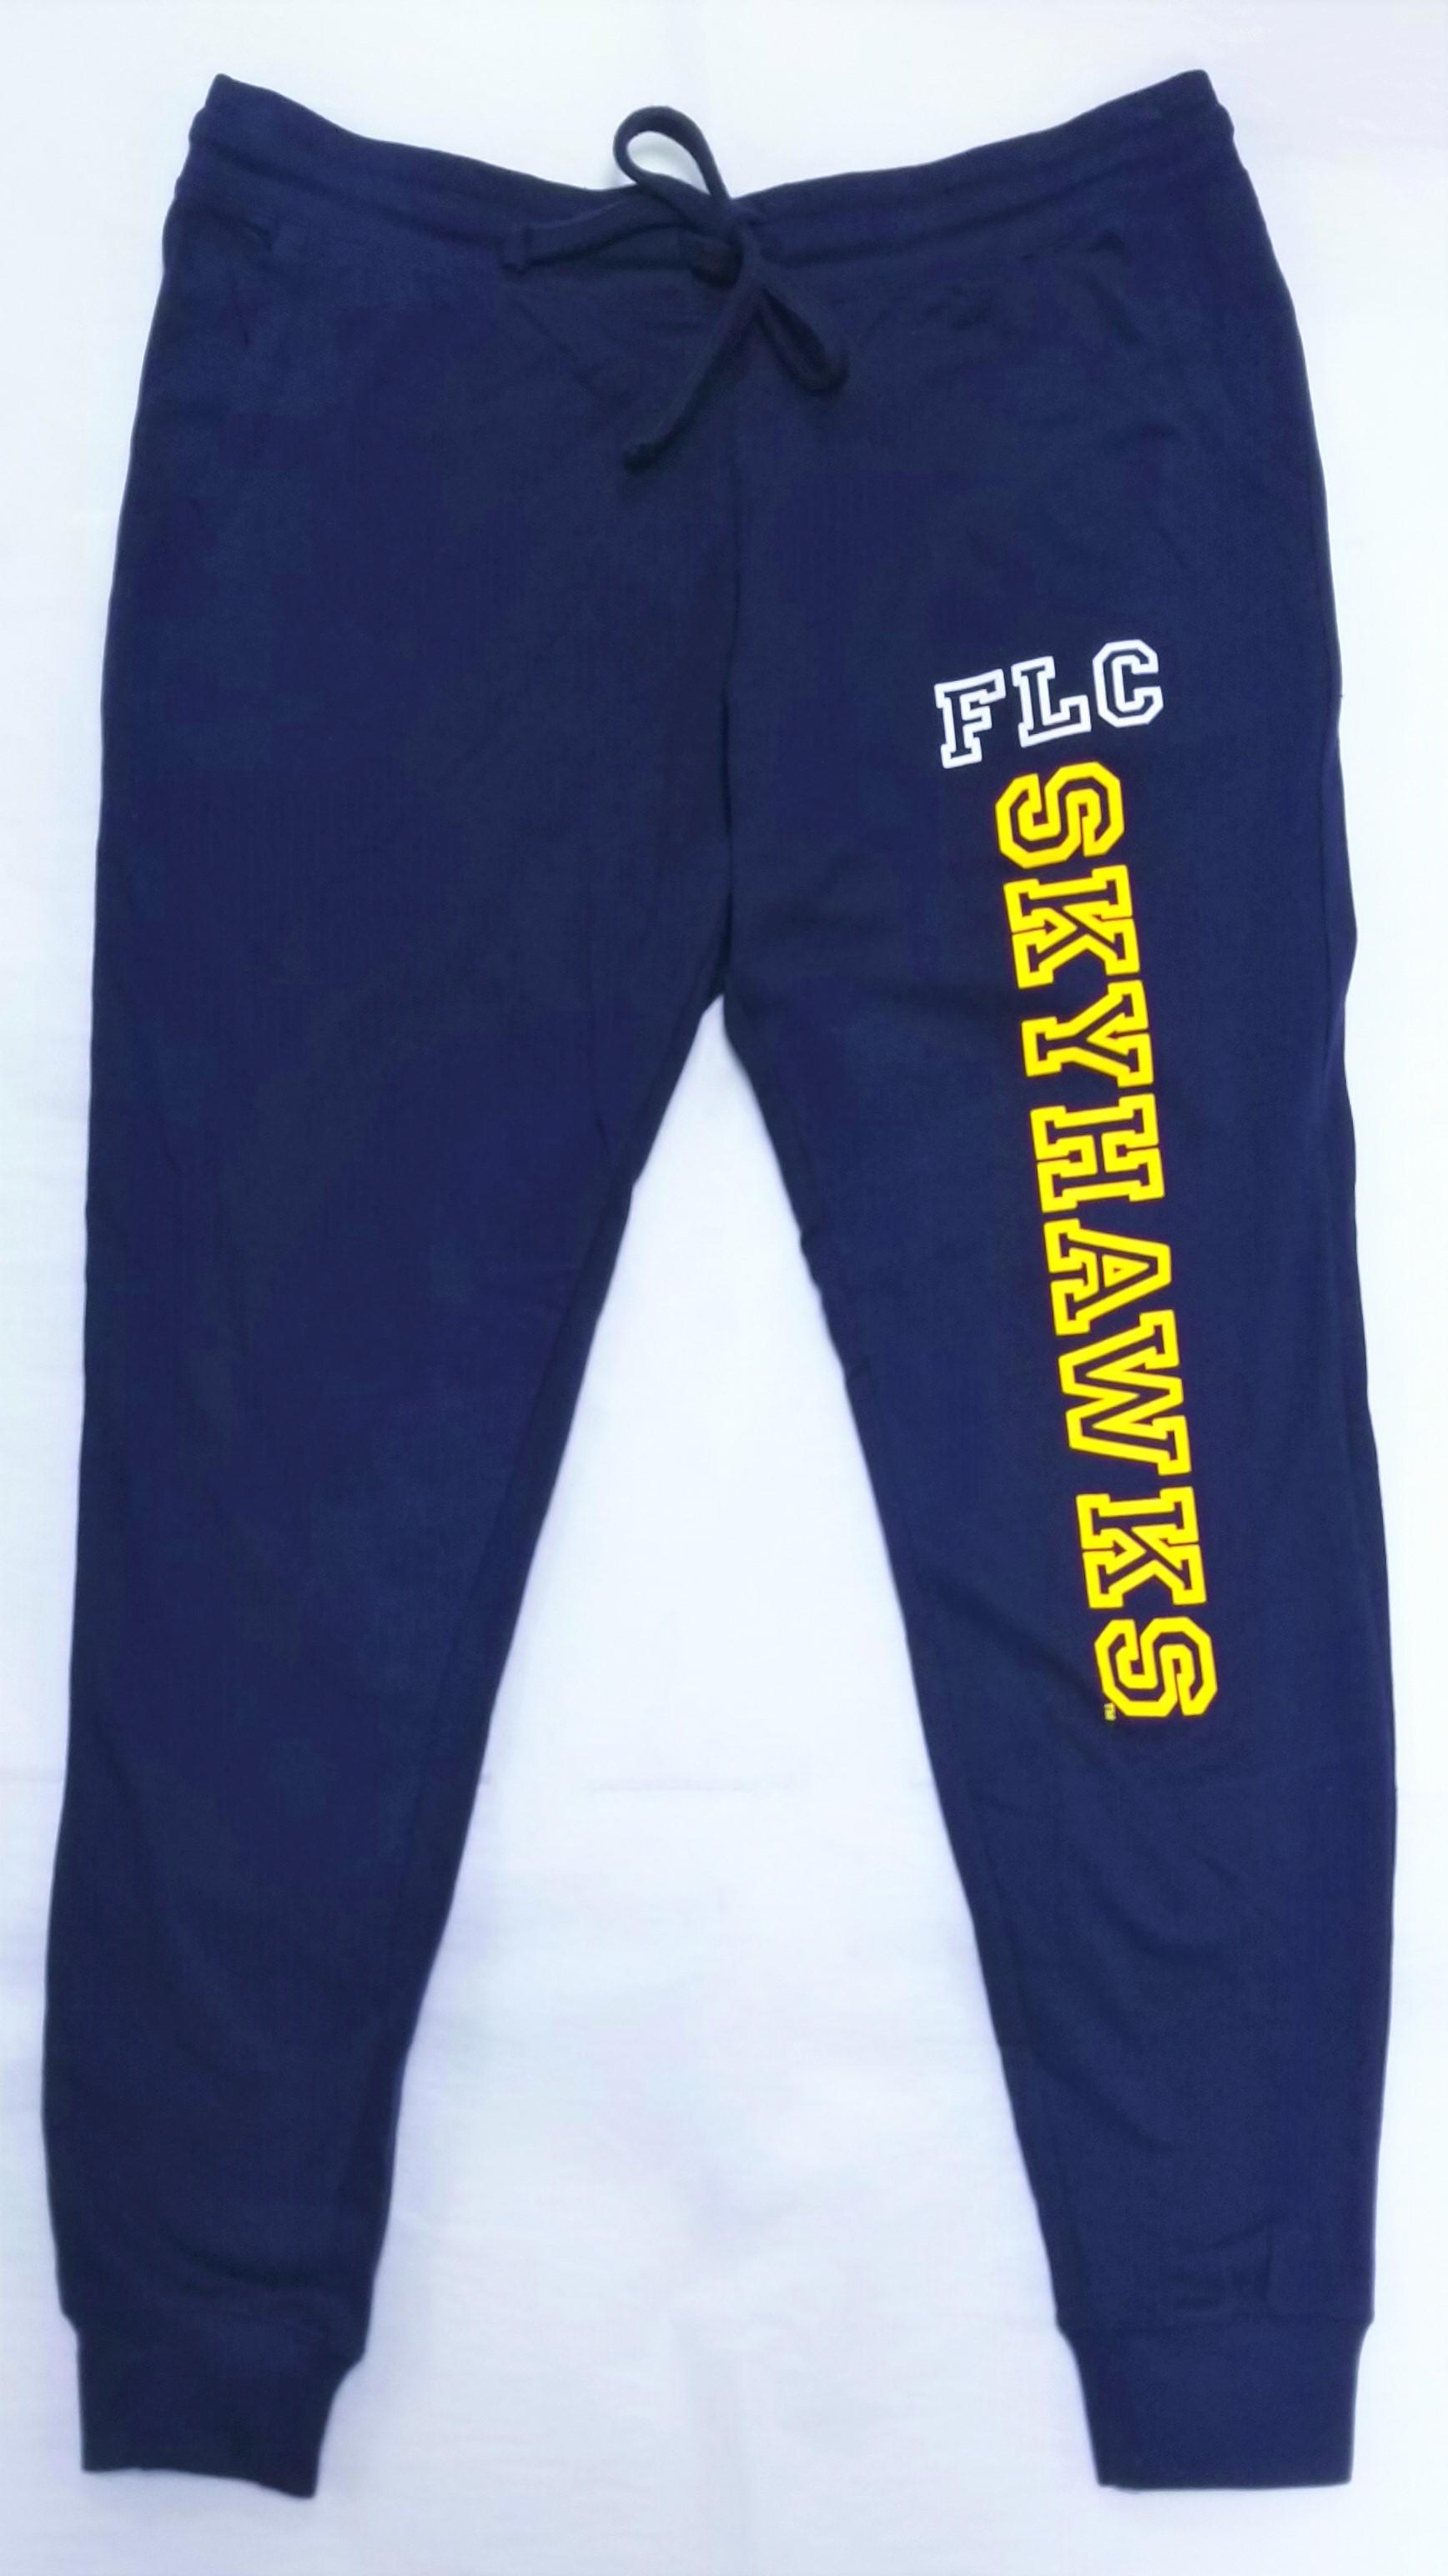 FLC Women's Cotton Joggers